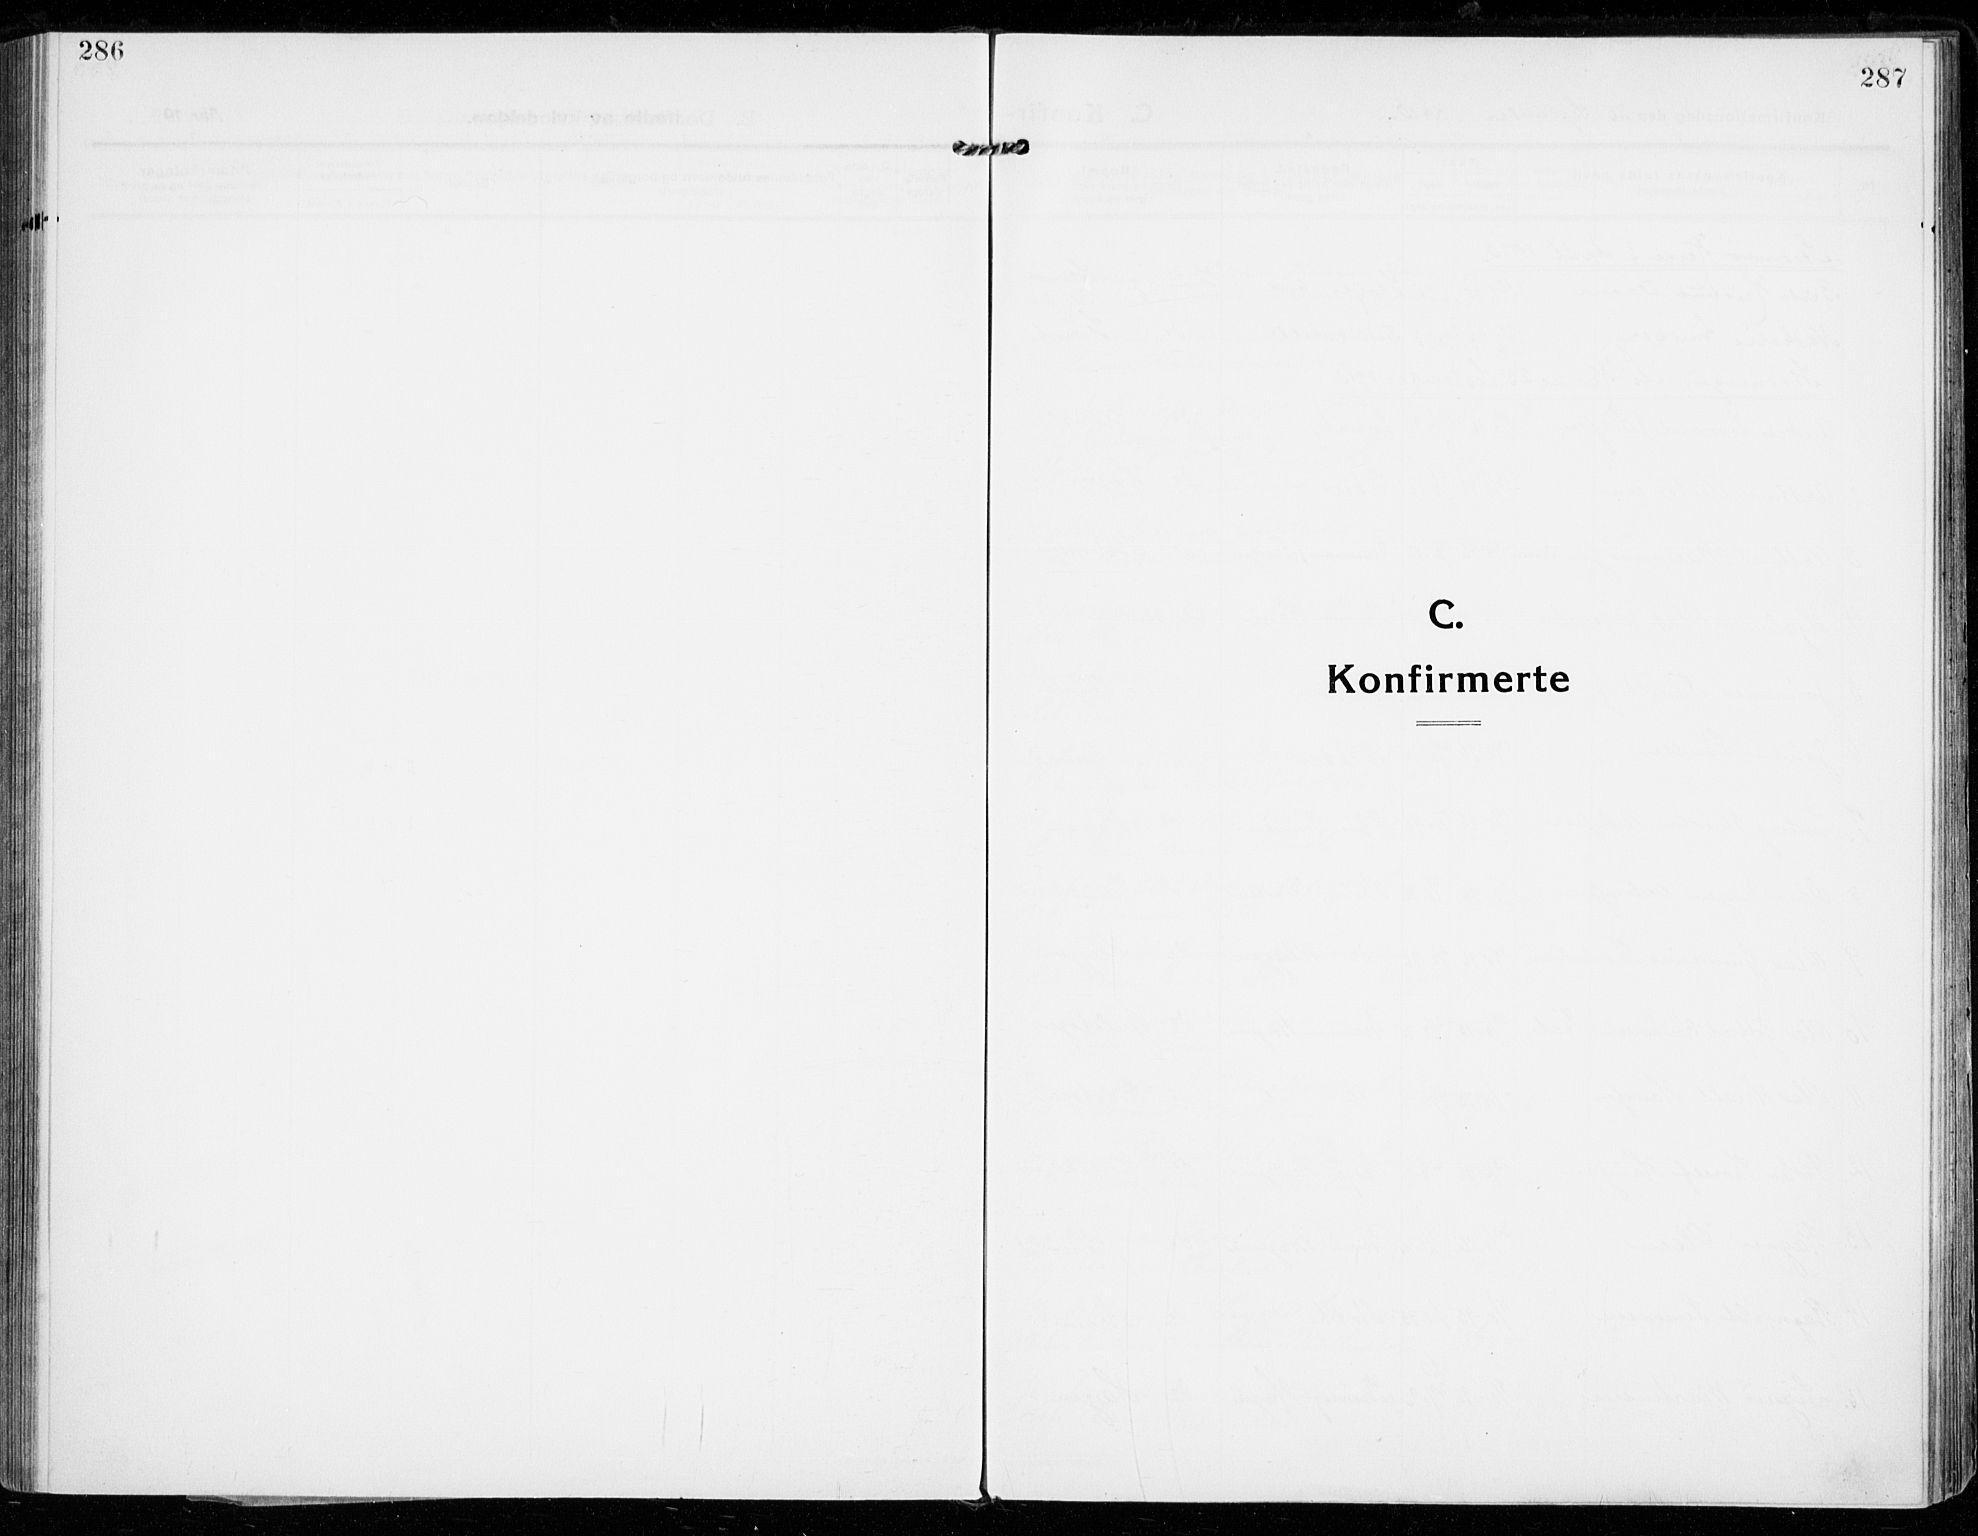 SAKO, Strømsgodset kirkebøker, F/Fa/L0002: Ministerialbok nr. 2, 1910-1920, s. 286-287